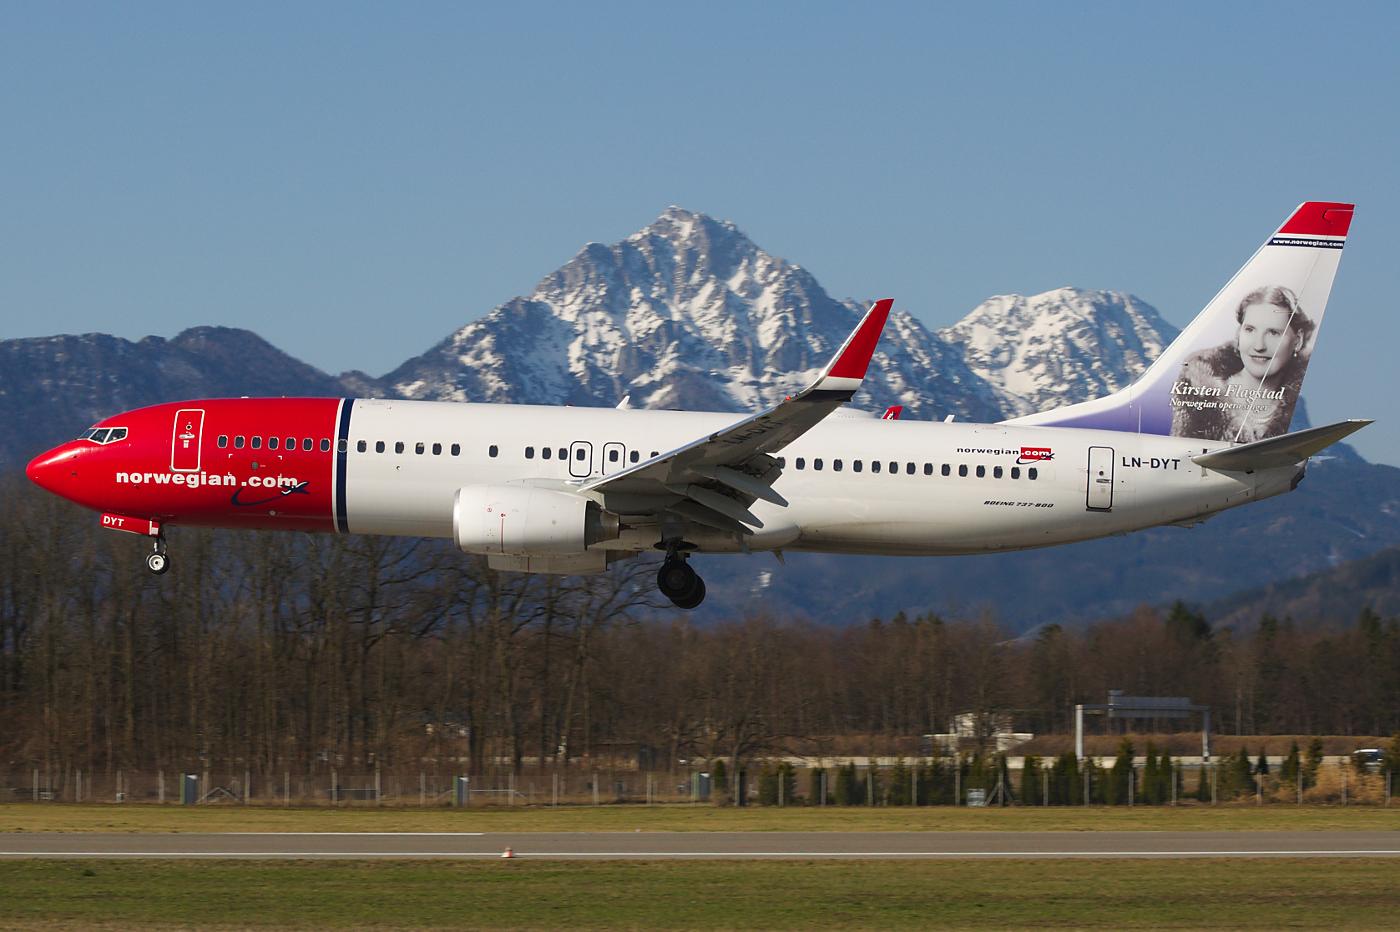 самолет норвегиан эйр